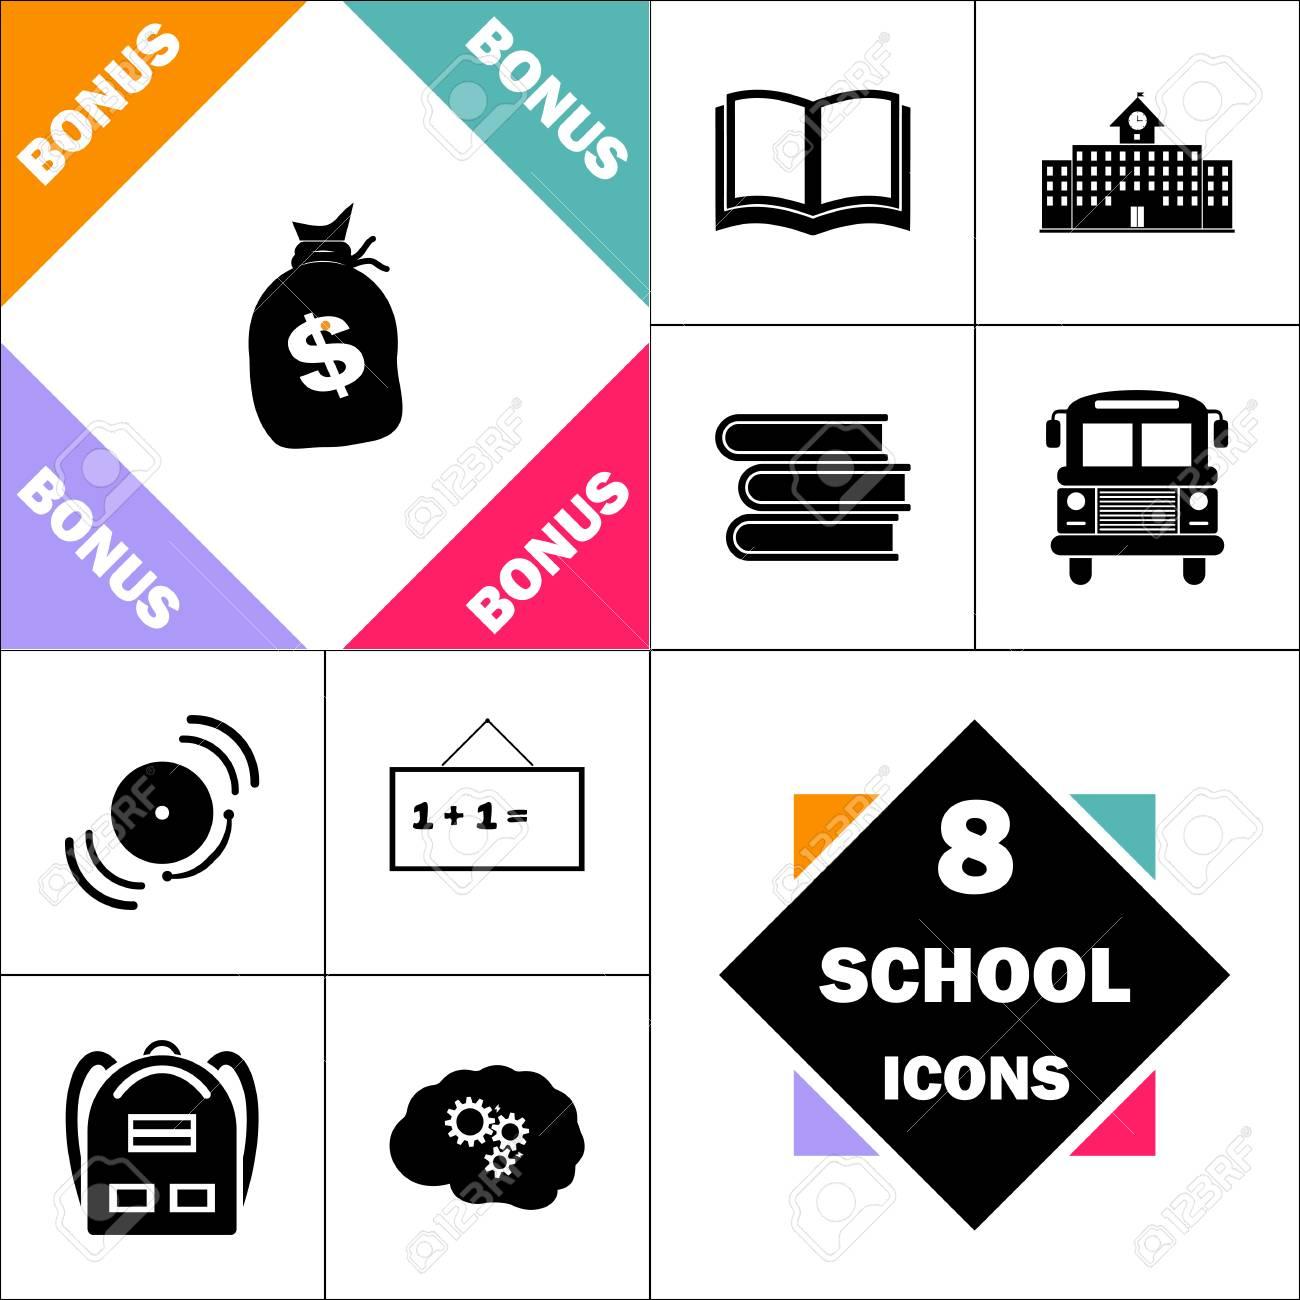 L'école Et Parfait Set Sac 7zwqaah Icône Pictogramme Retour D'argent erCxdBo